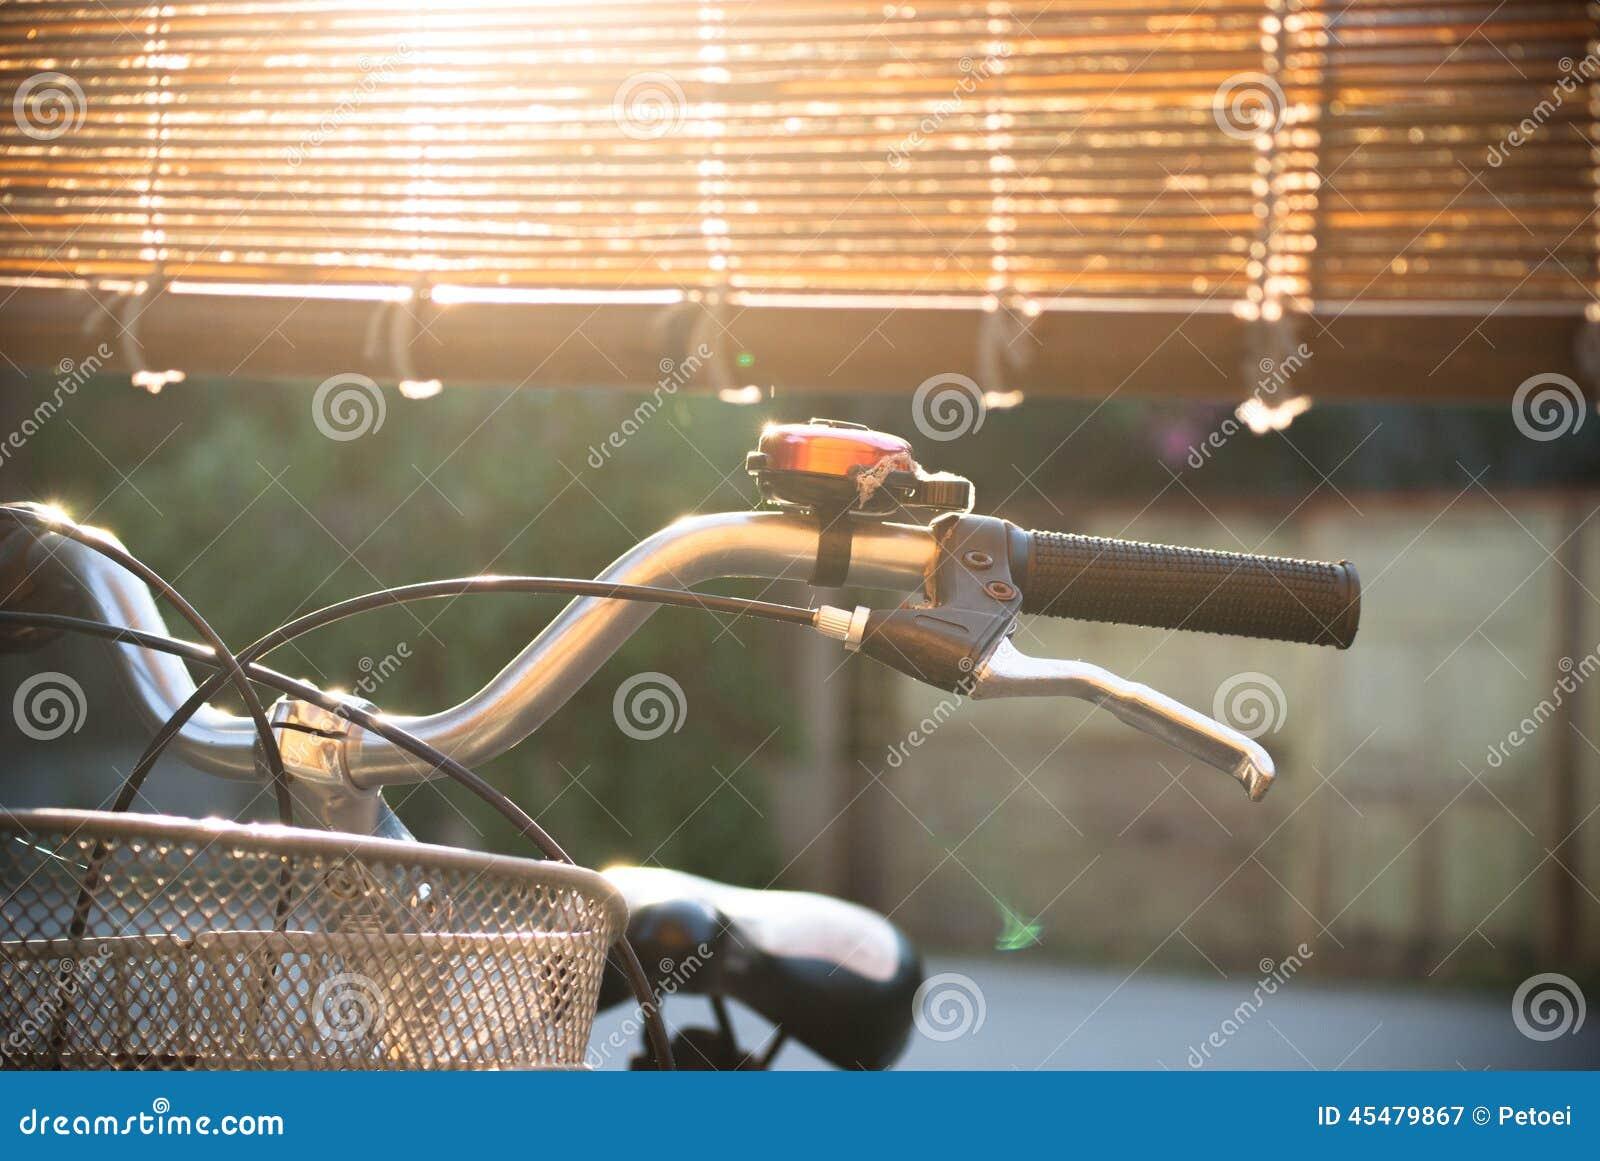 自行车把柄酒吧夹子